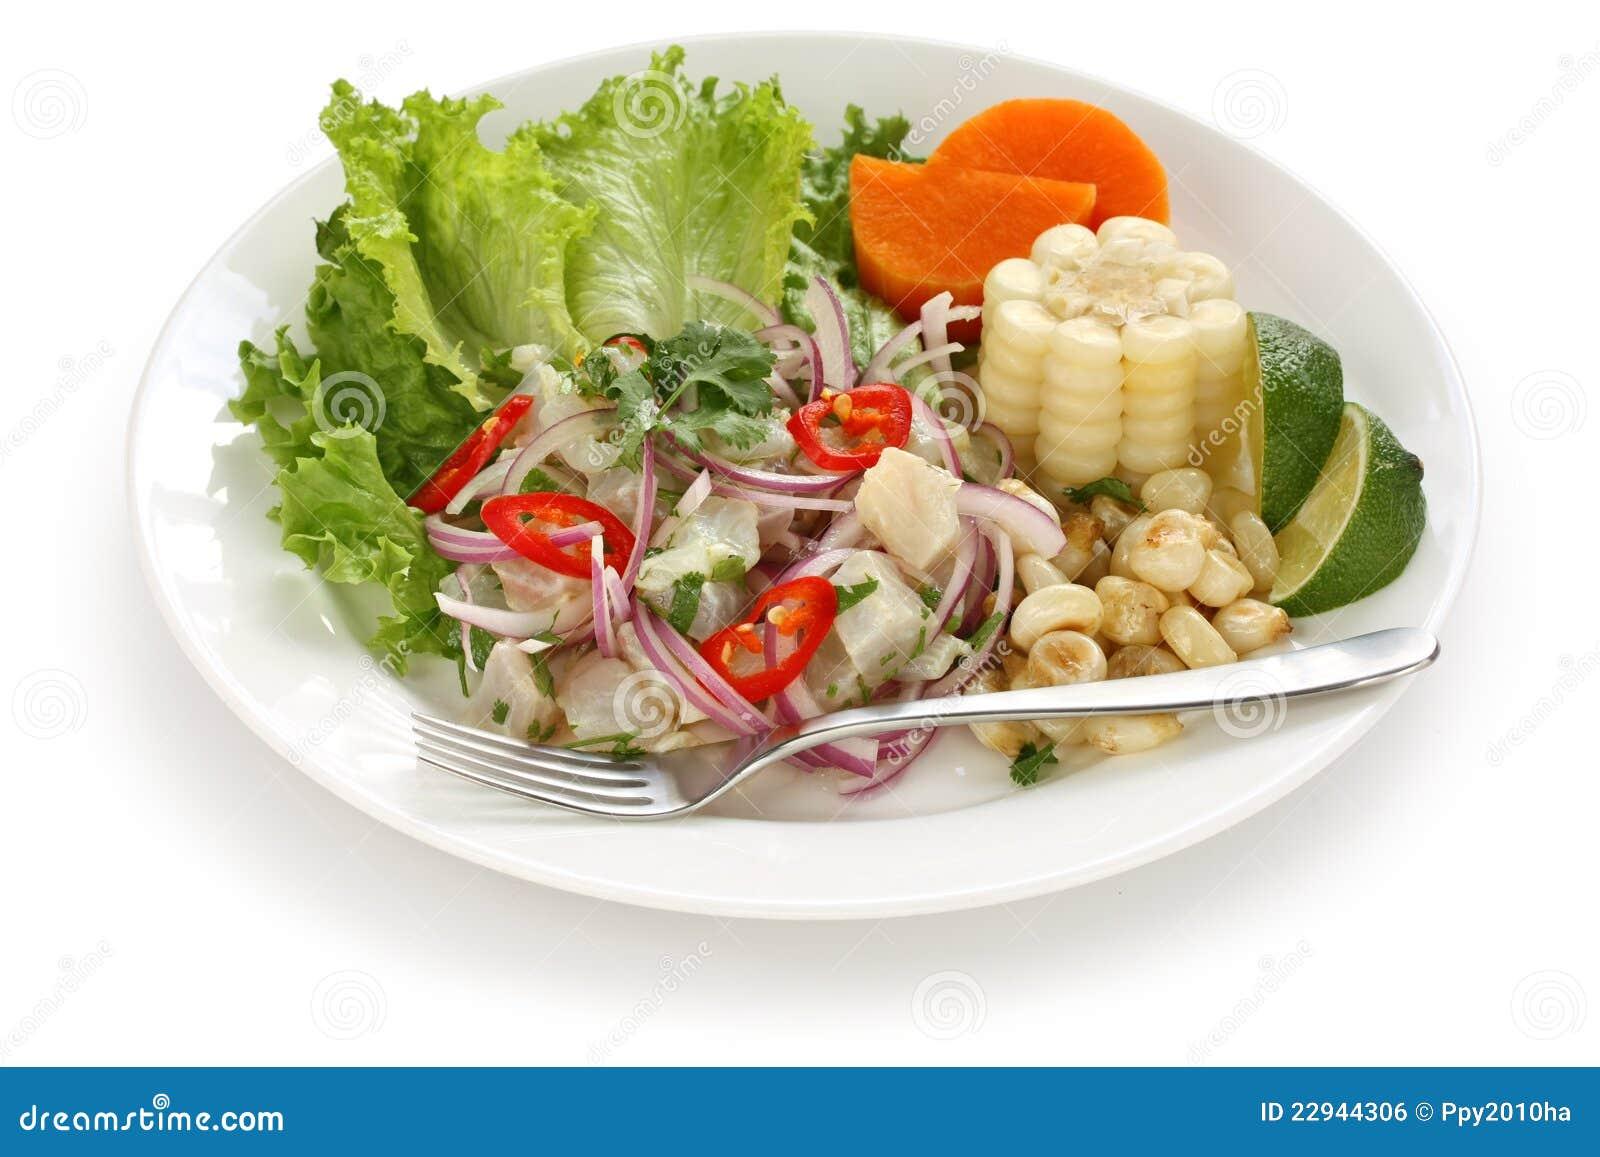 Ceviche plato de los mariscos cocina peruana imagen de for Platos de cocina